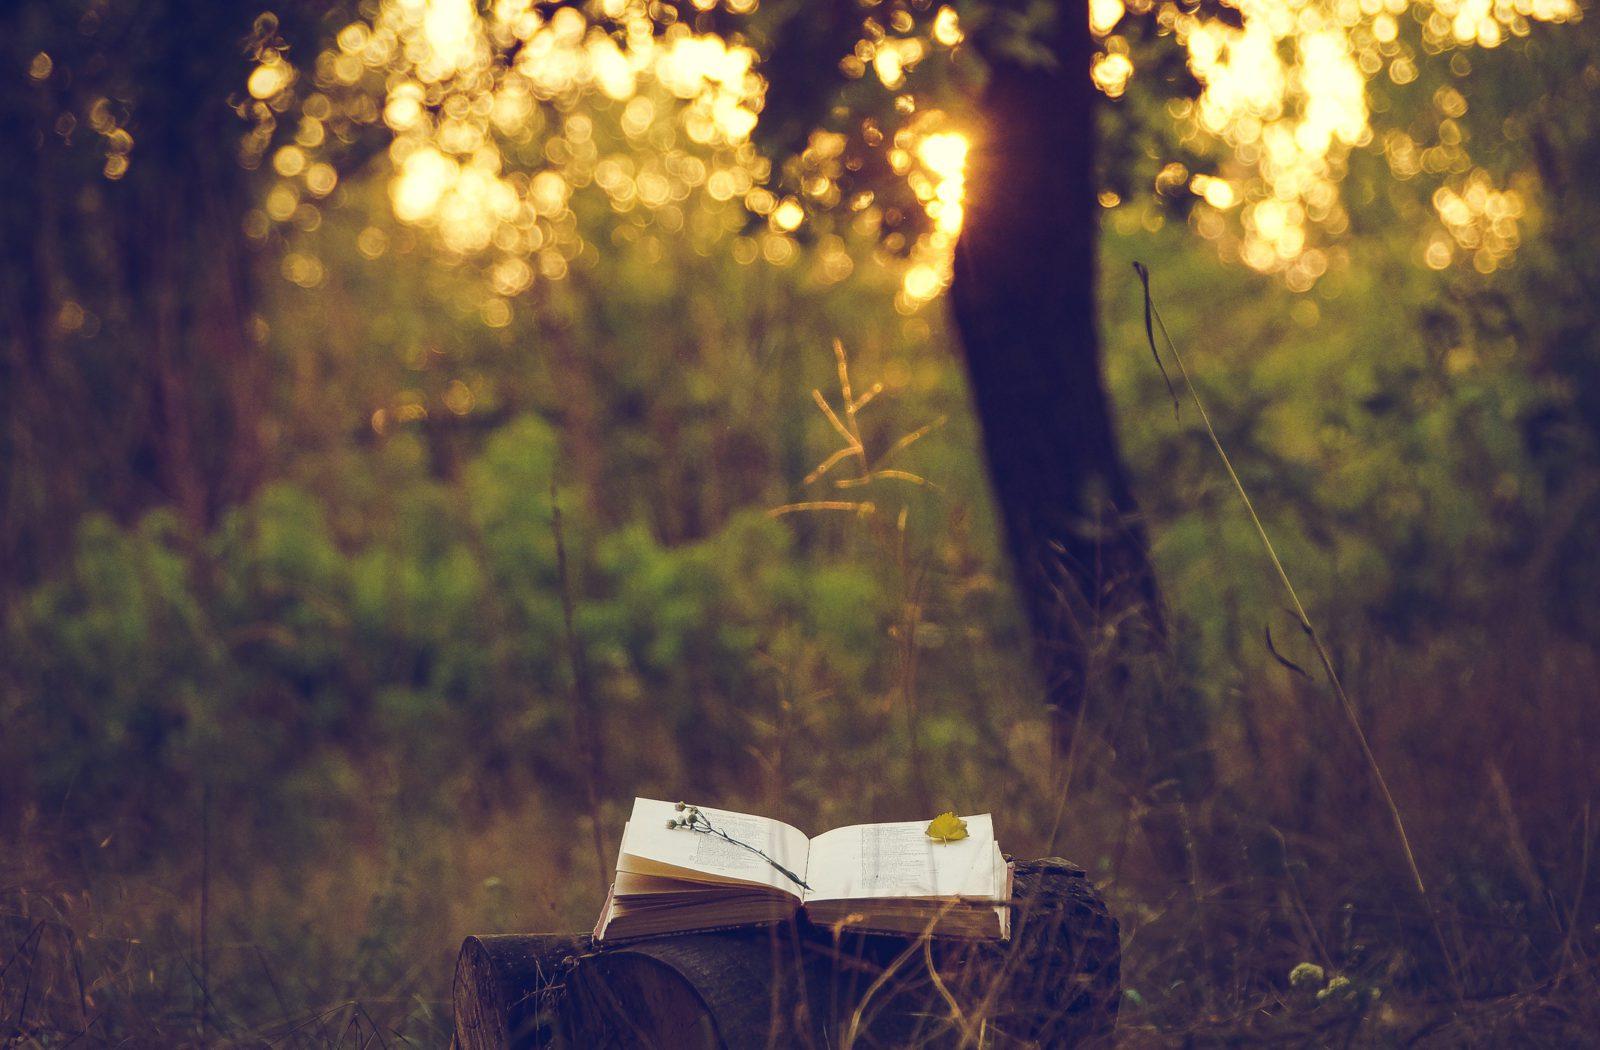 Book Under tree